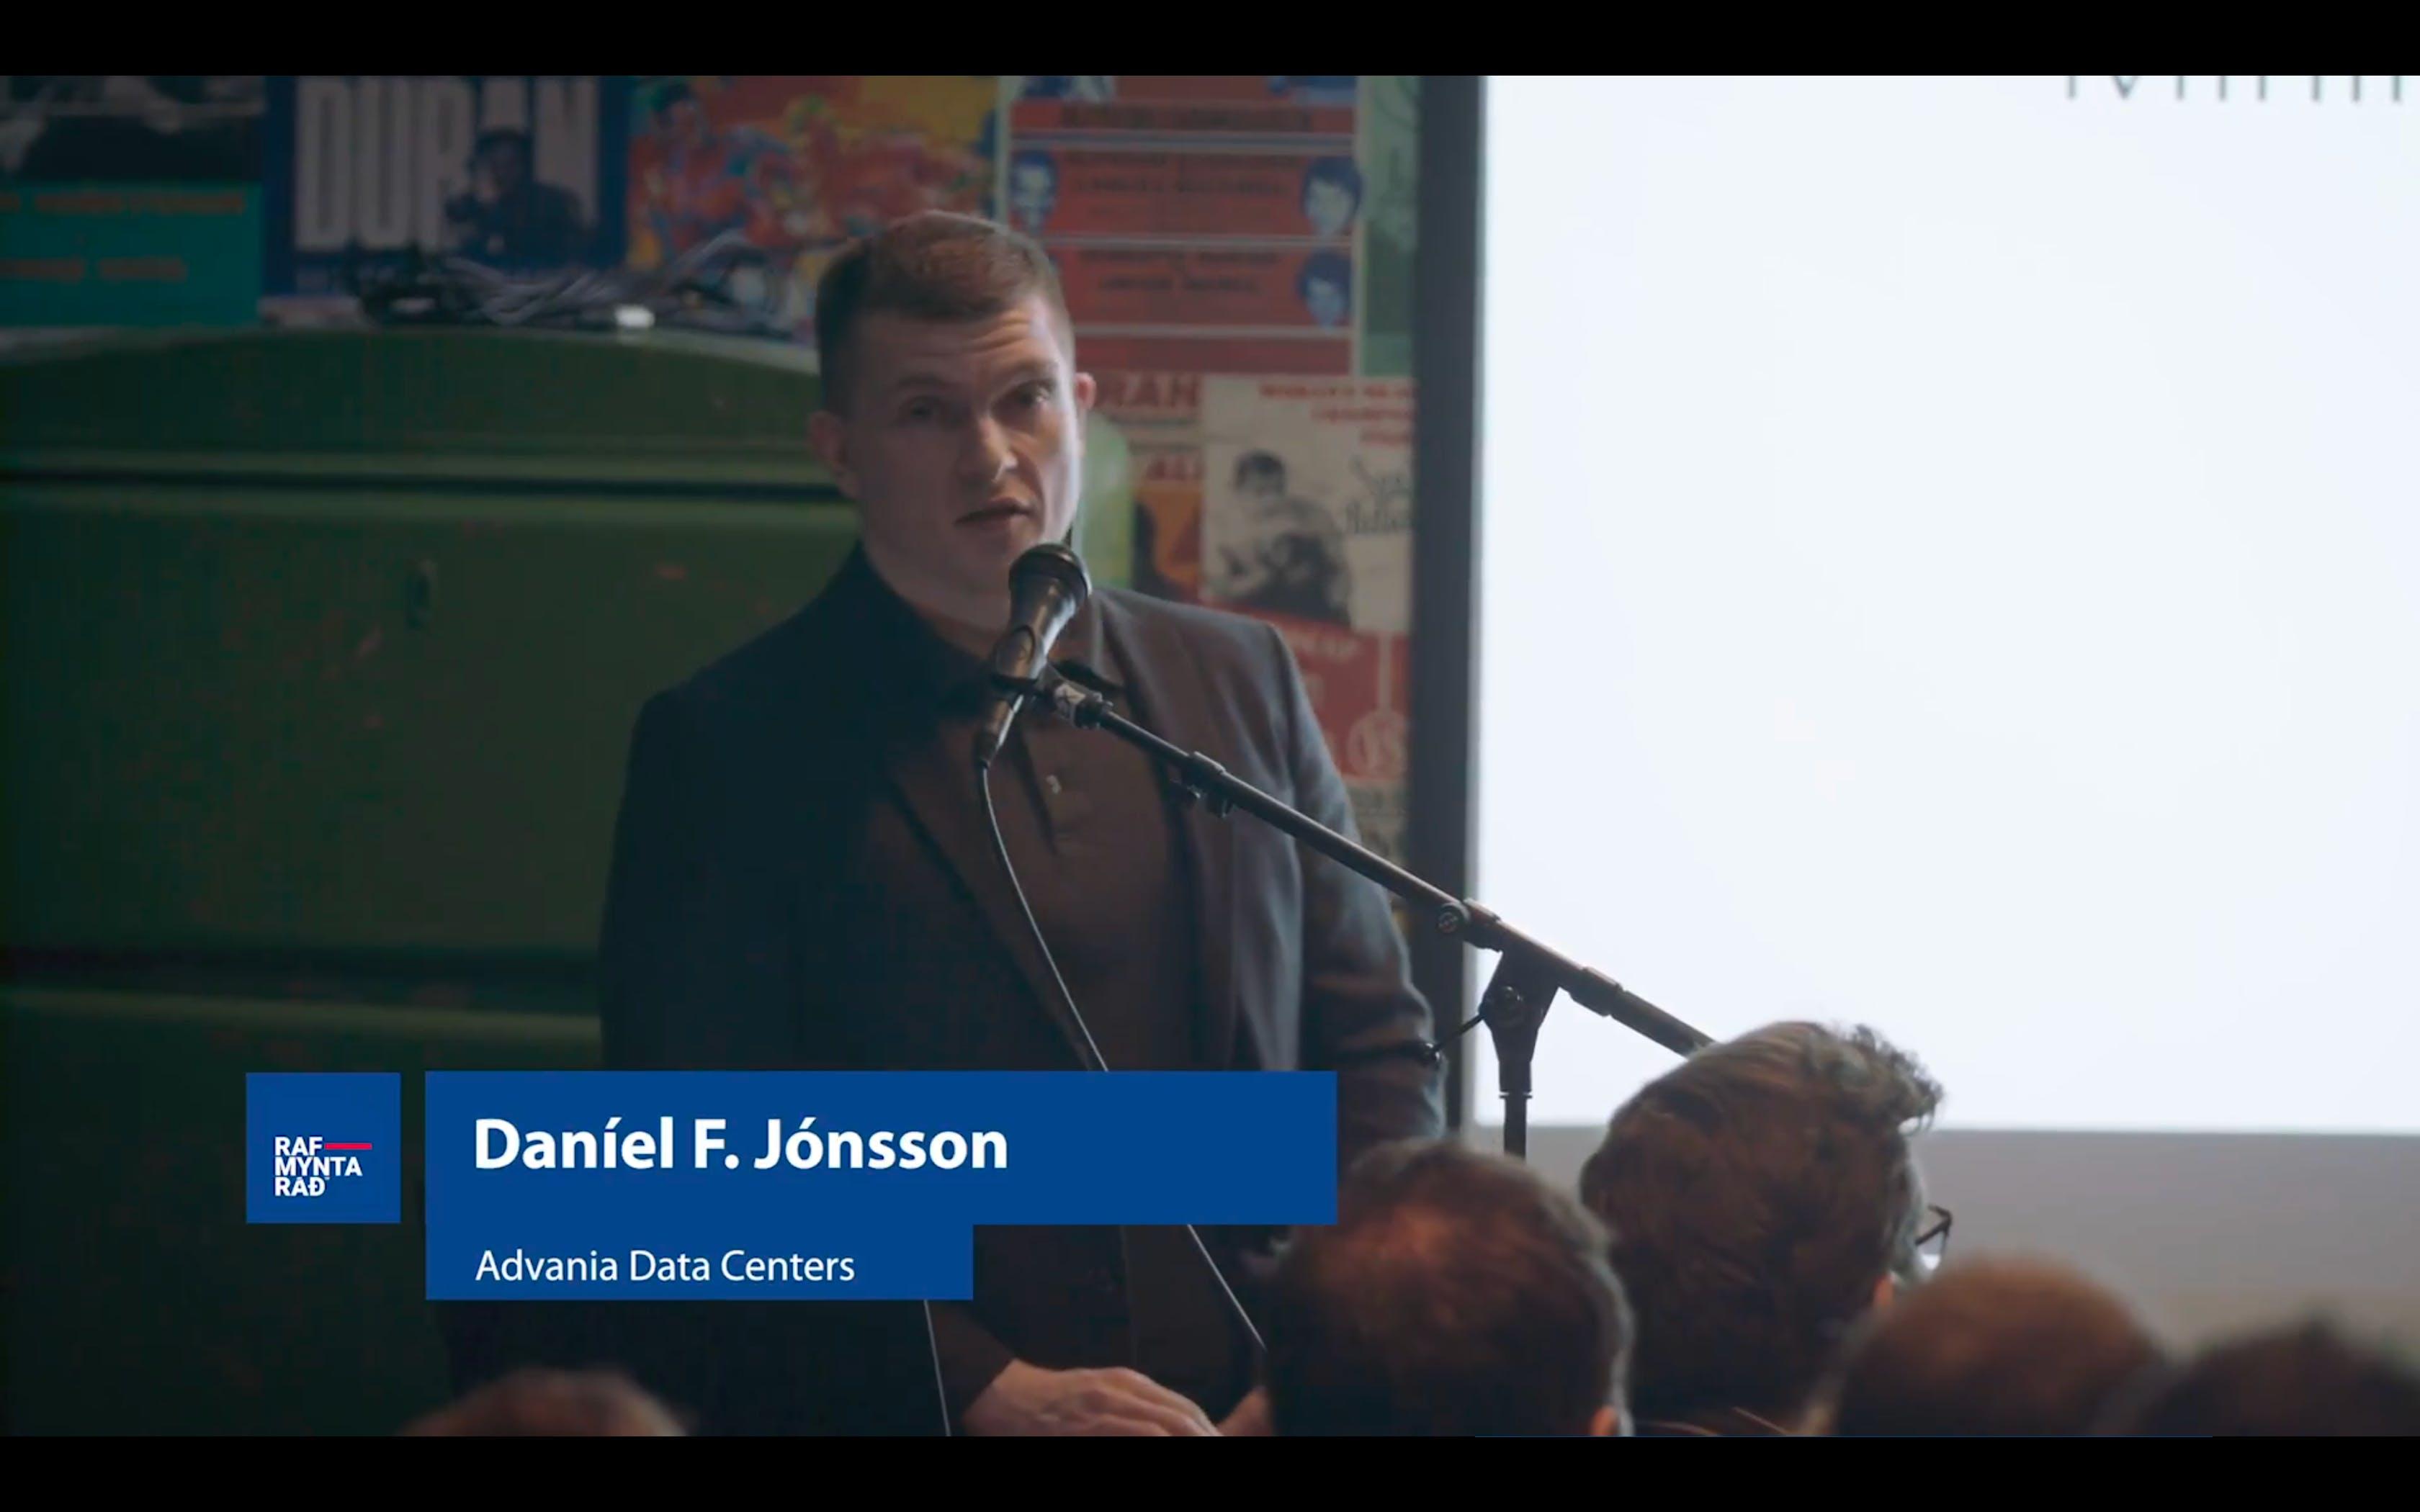 Námuvinnsla rafmynta á Íslandi - Daníel F. Jónsson